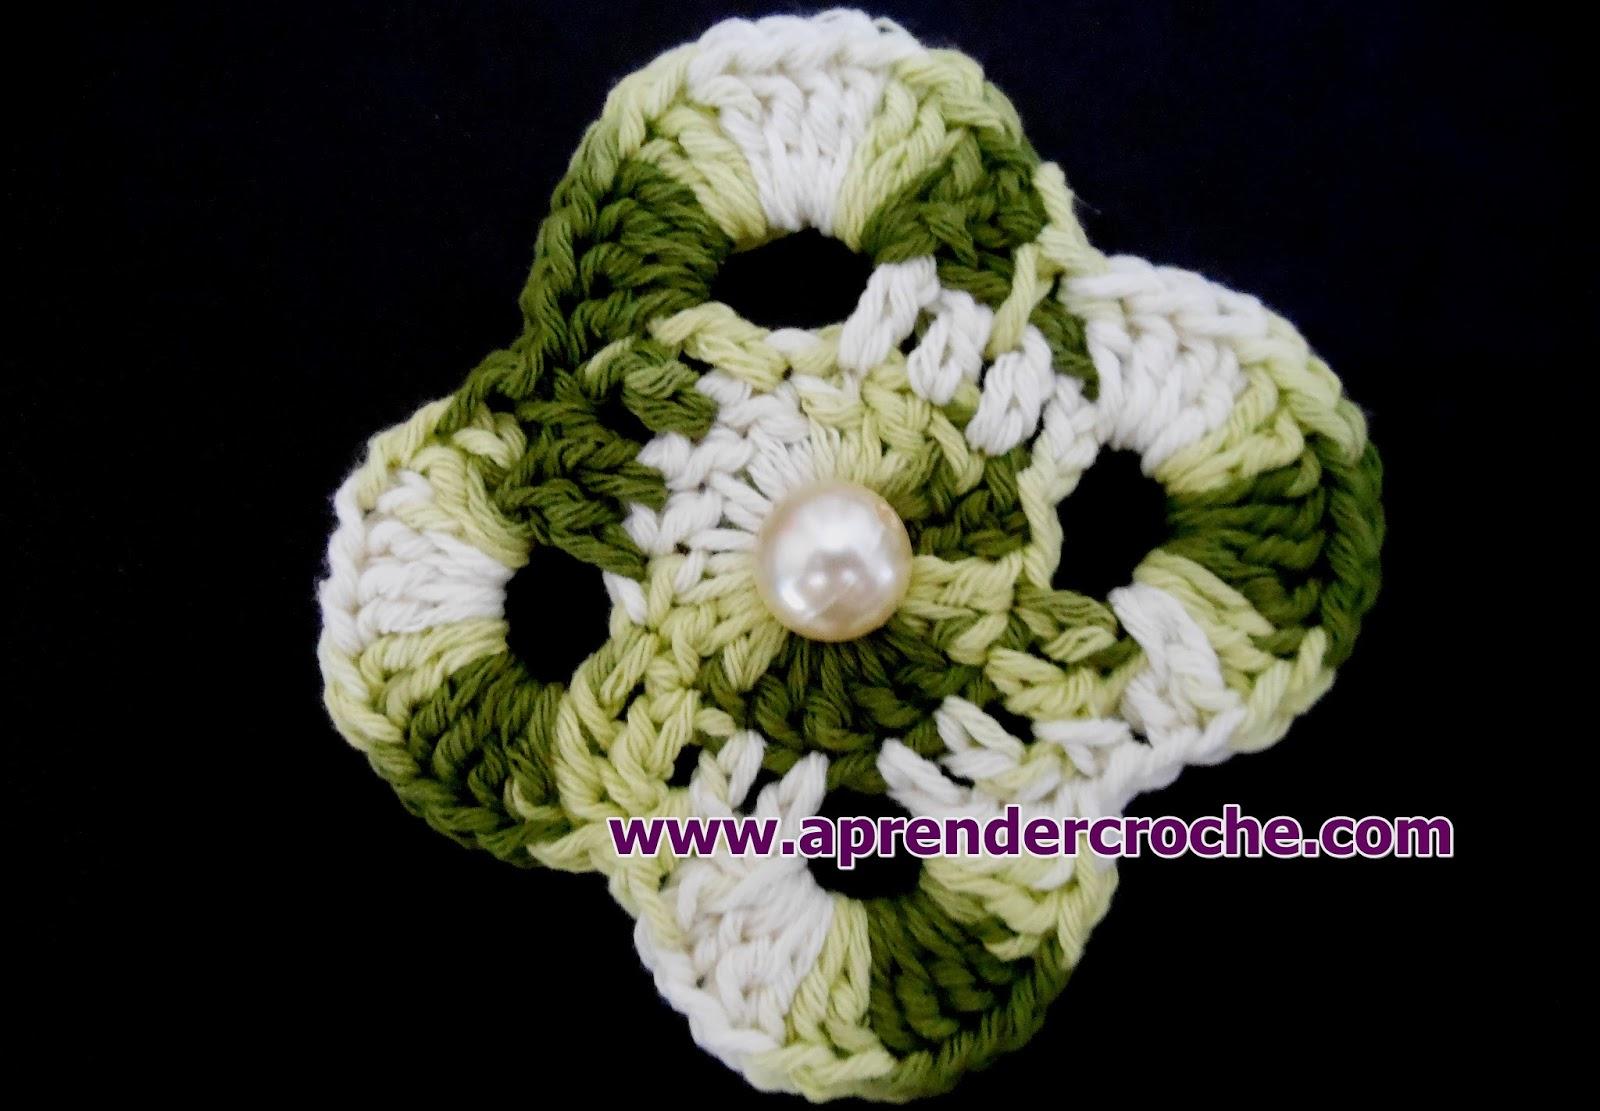 dvd em croche flores coleção aprender croche com edinir-croche na loja curso de croche com frete gratis